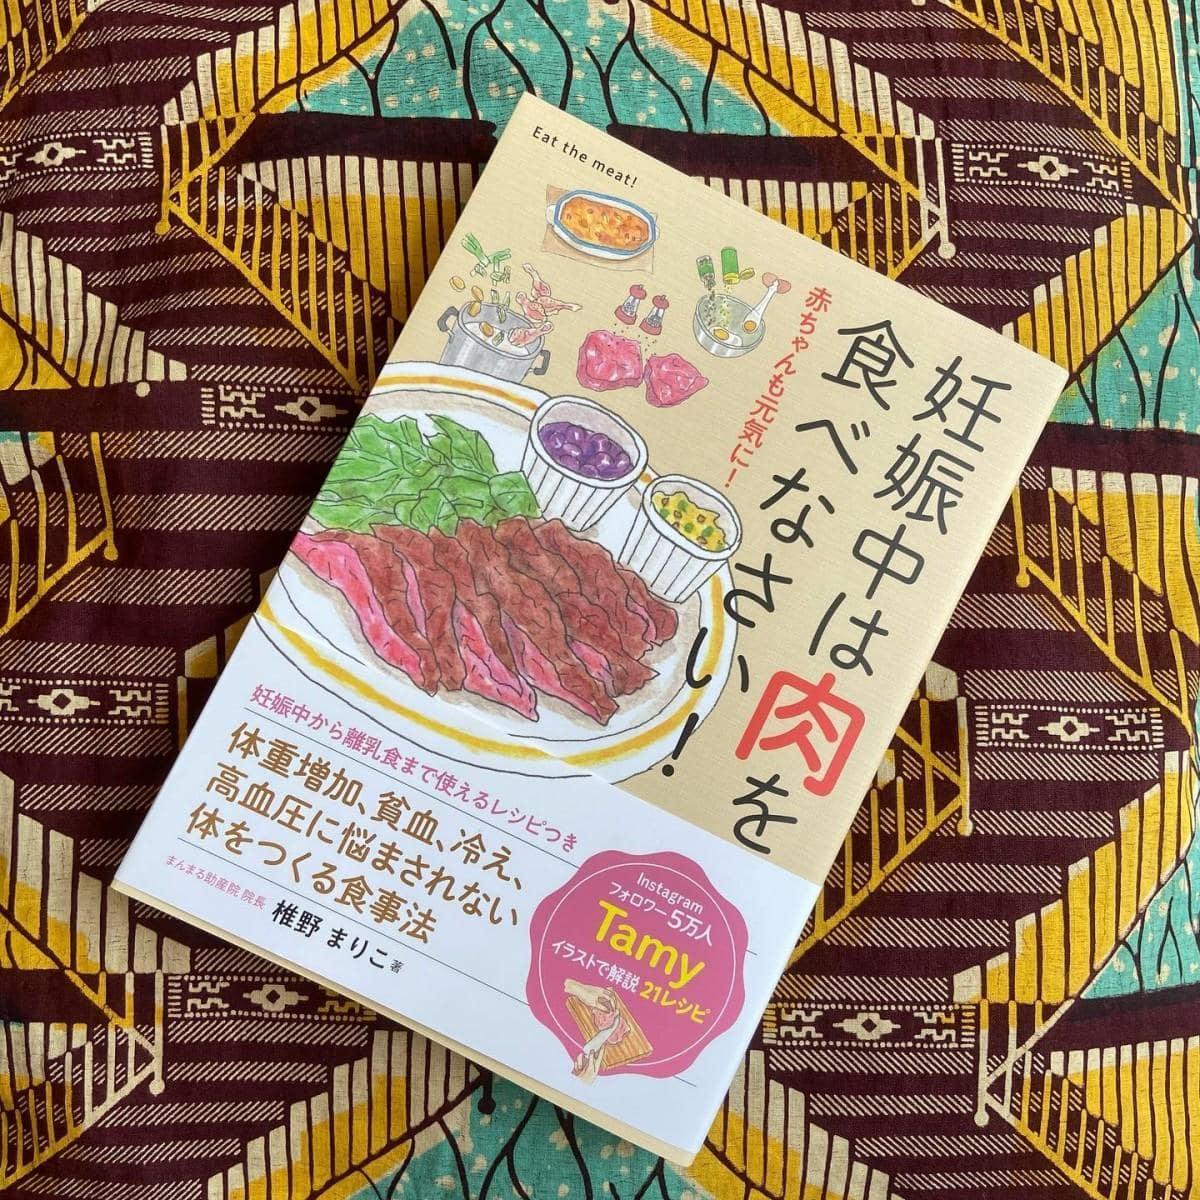 「妊娠中は肉を食べなさい!」(秀和システム)椎野まりこ著